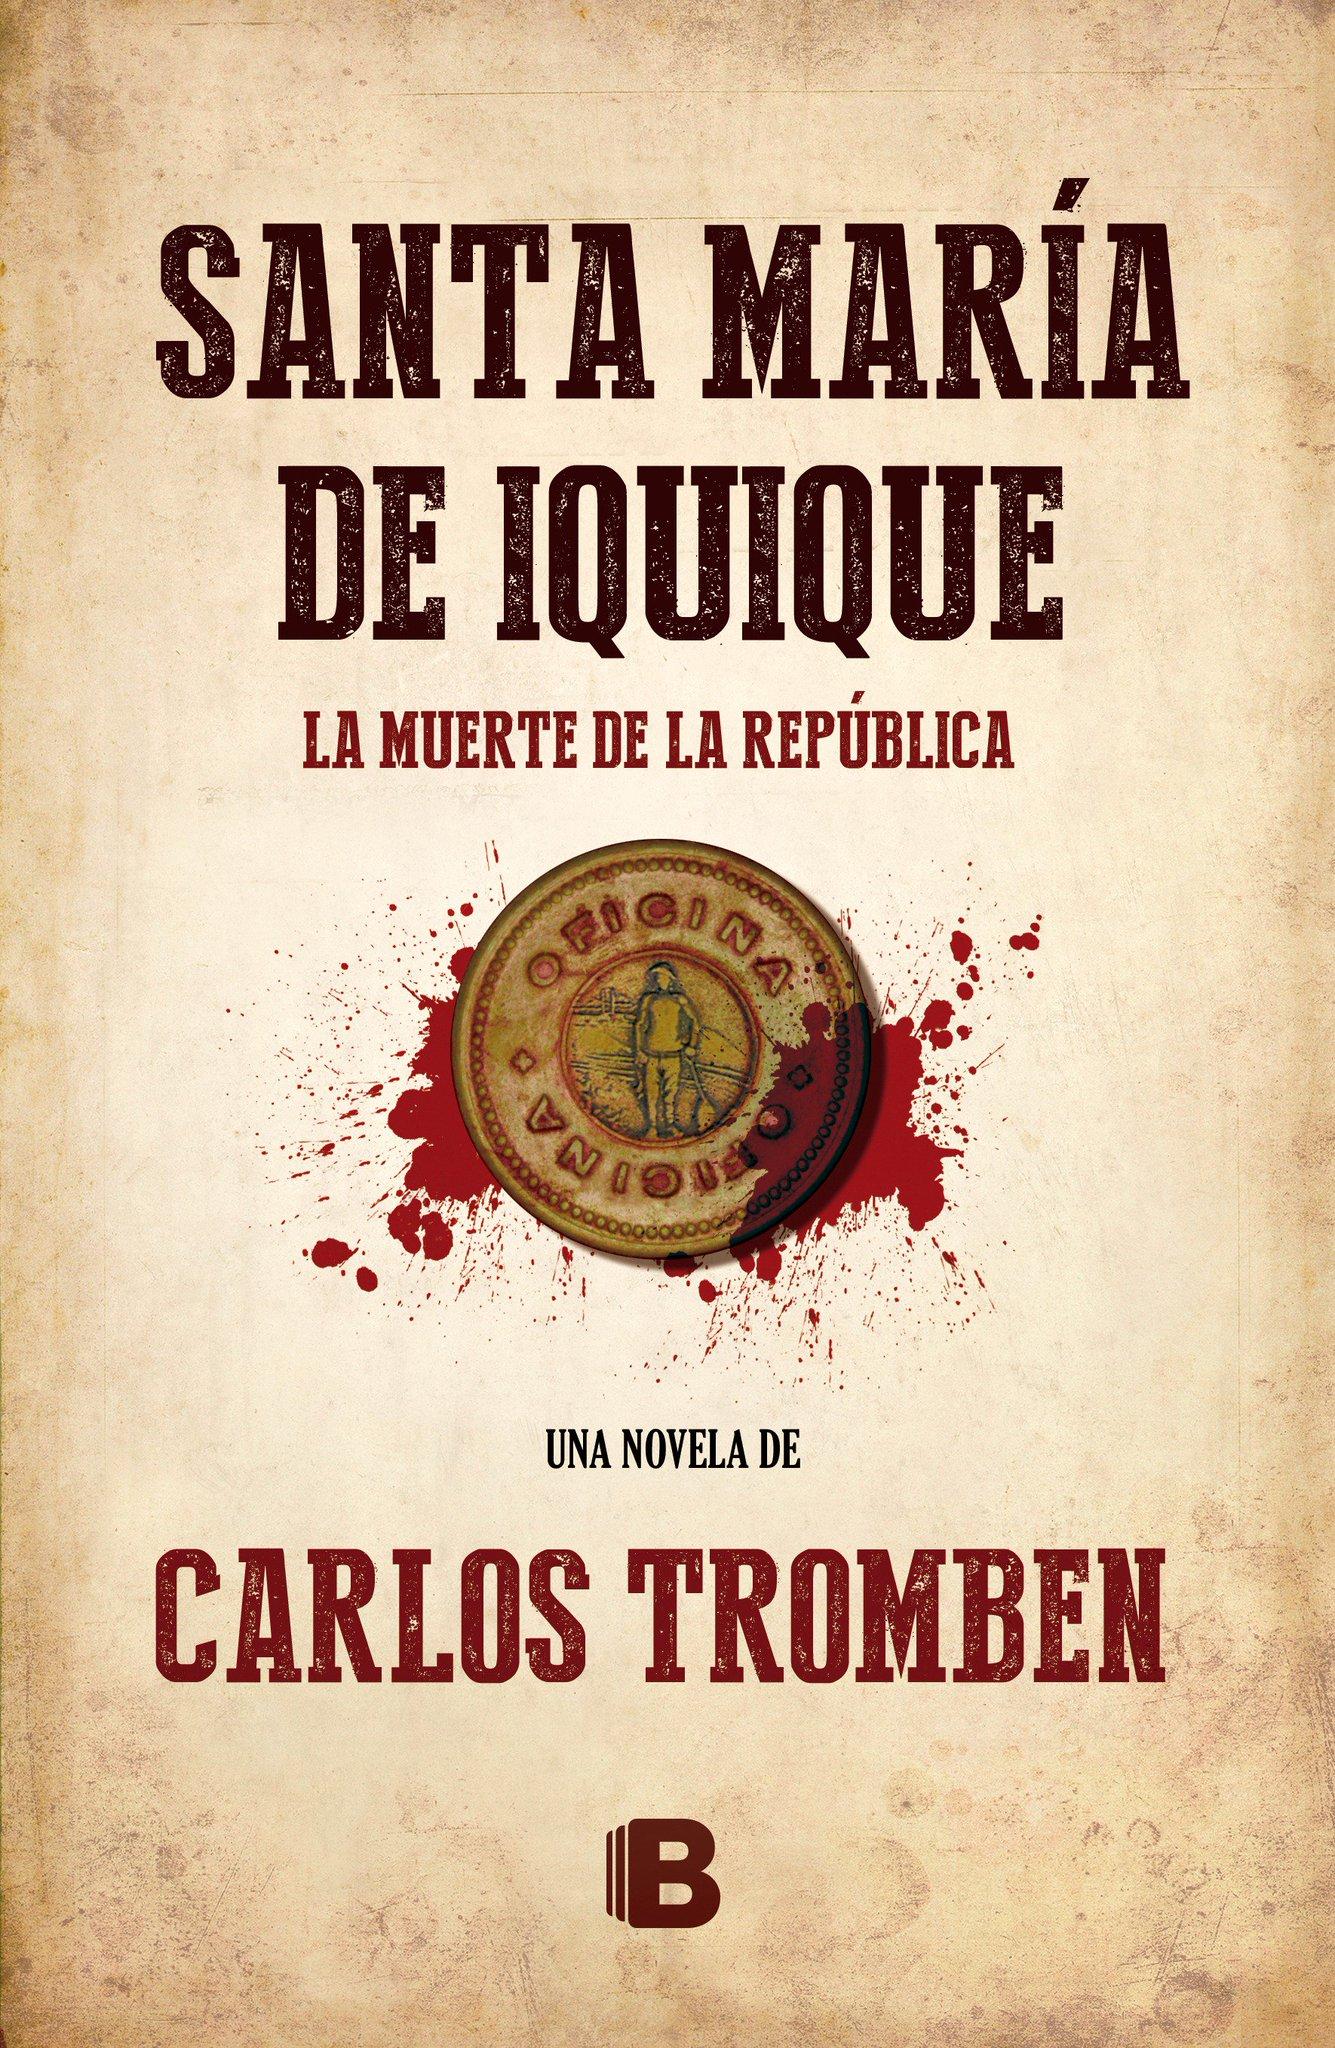 SantaMaríaDeIquique. La Muerte de la República (Novela) - Carlos Tromben - Ecc Ediciones